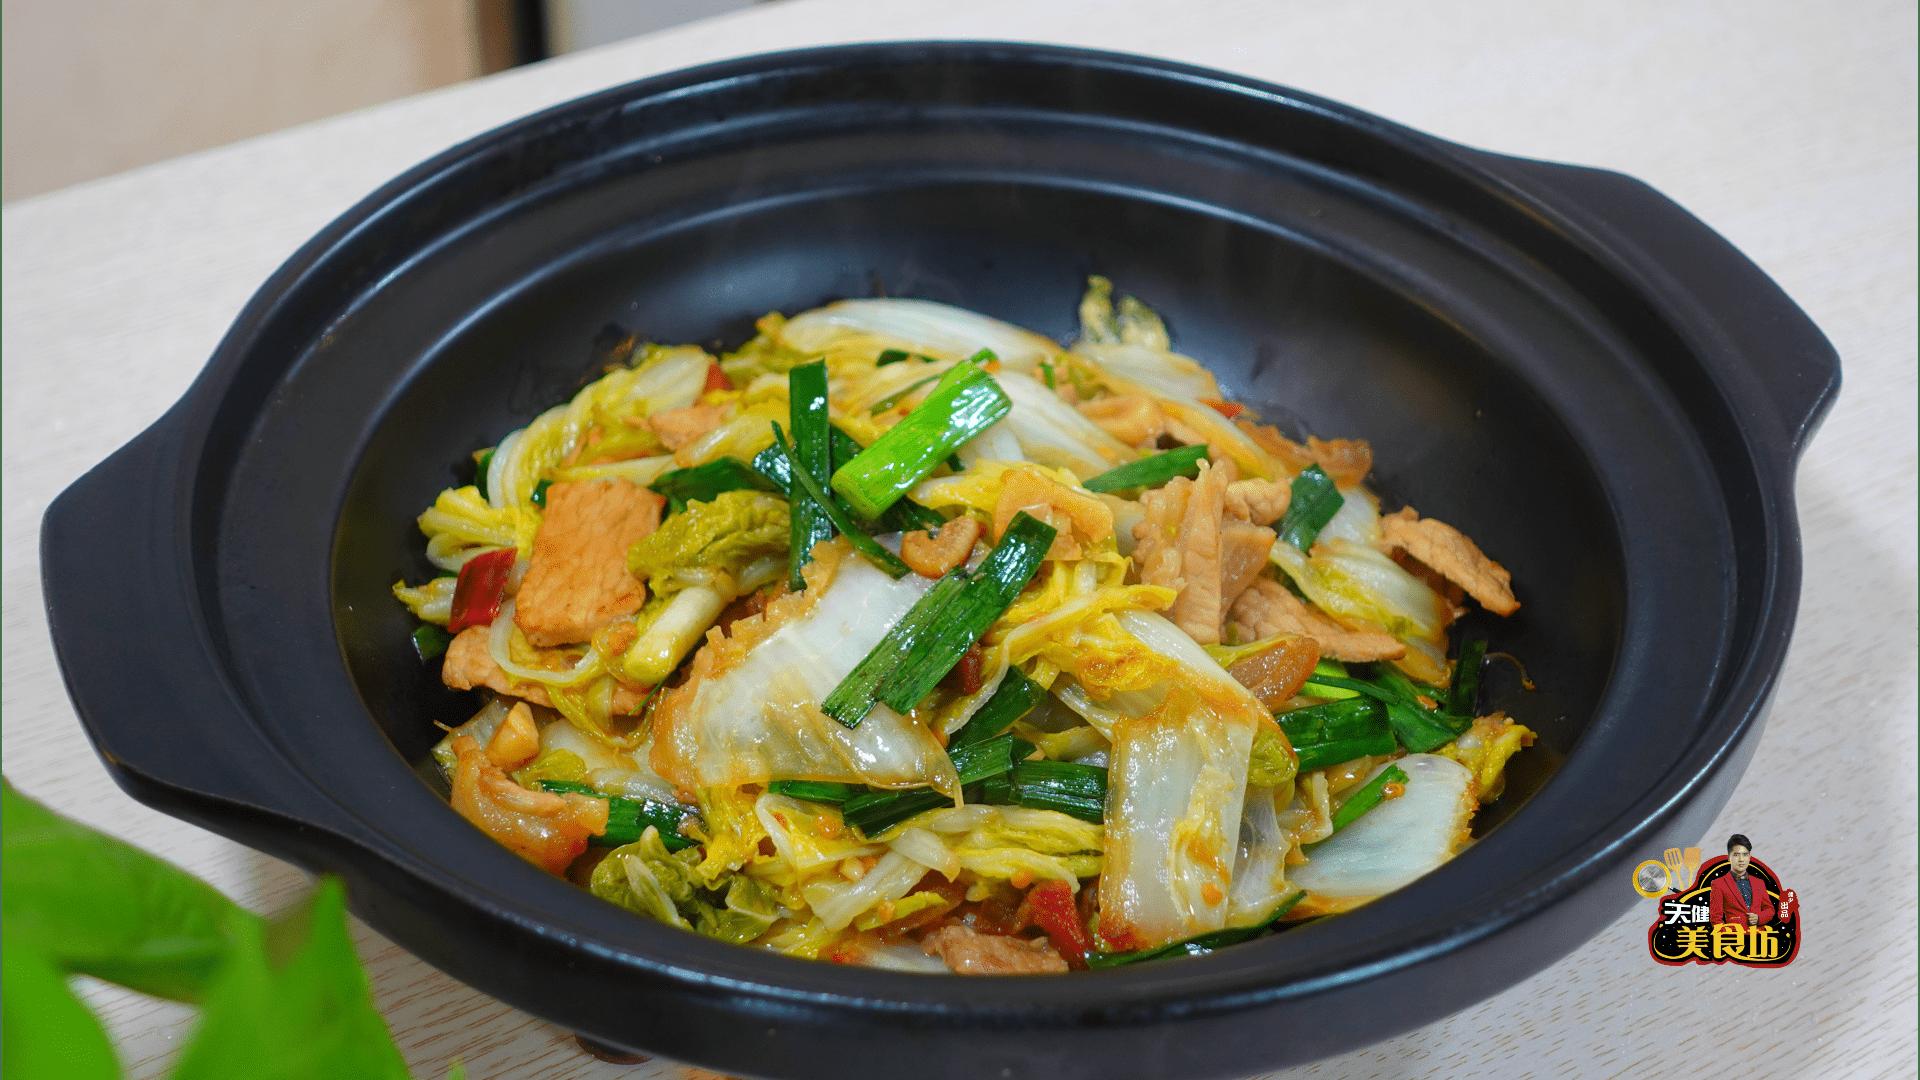 我家大白菜从不炖着吃,加1块猪肉这样做,酸辣开胃,好吃极了